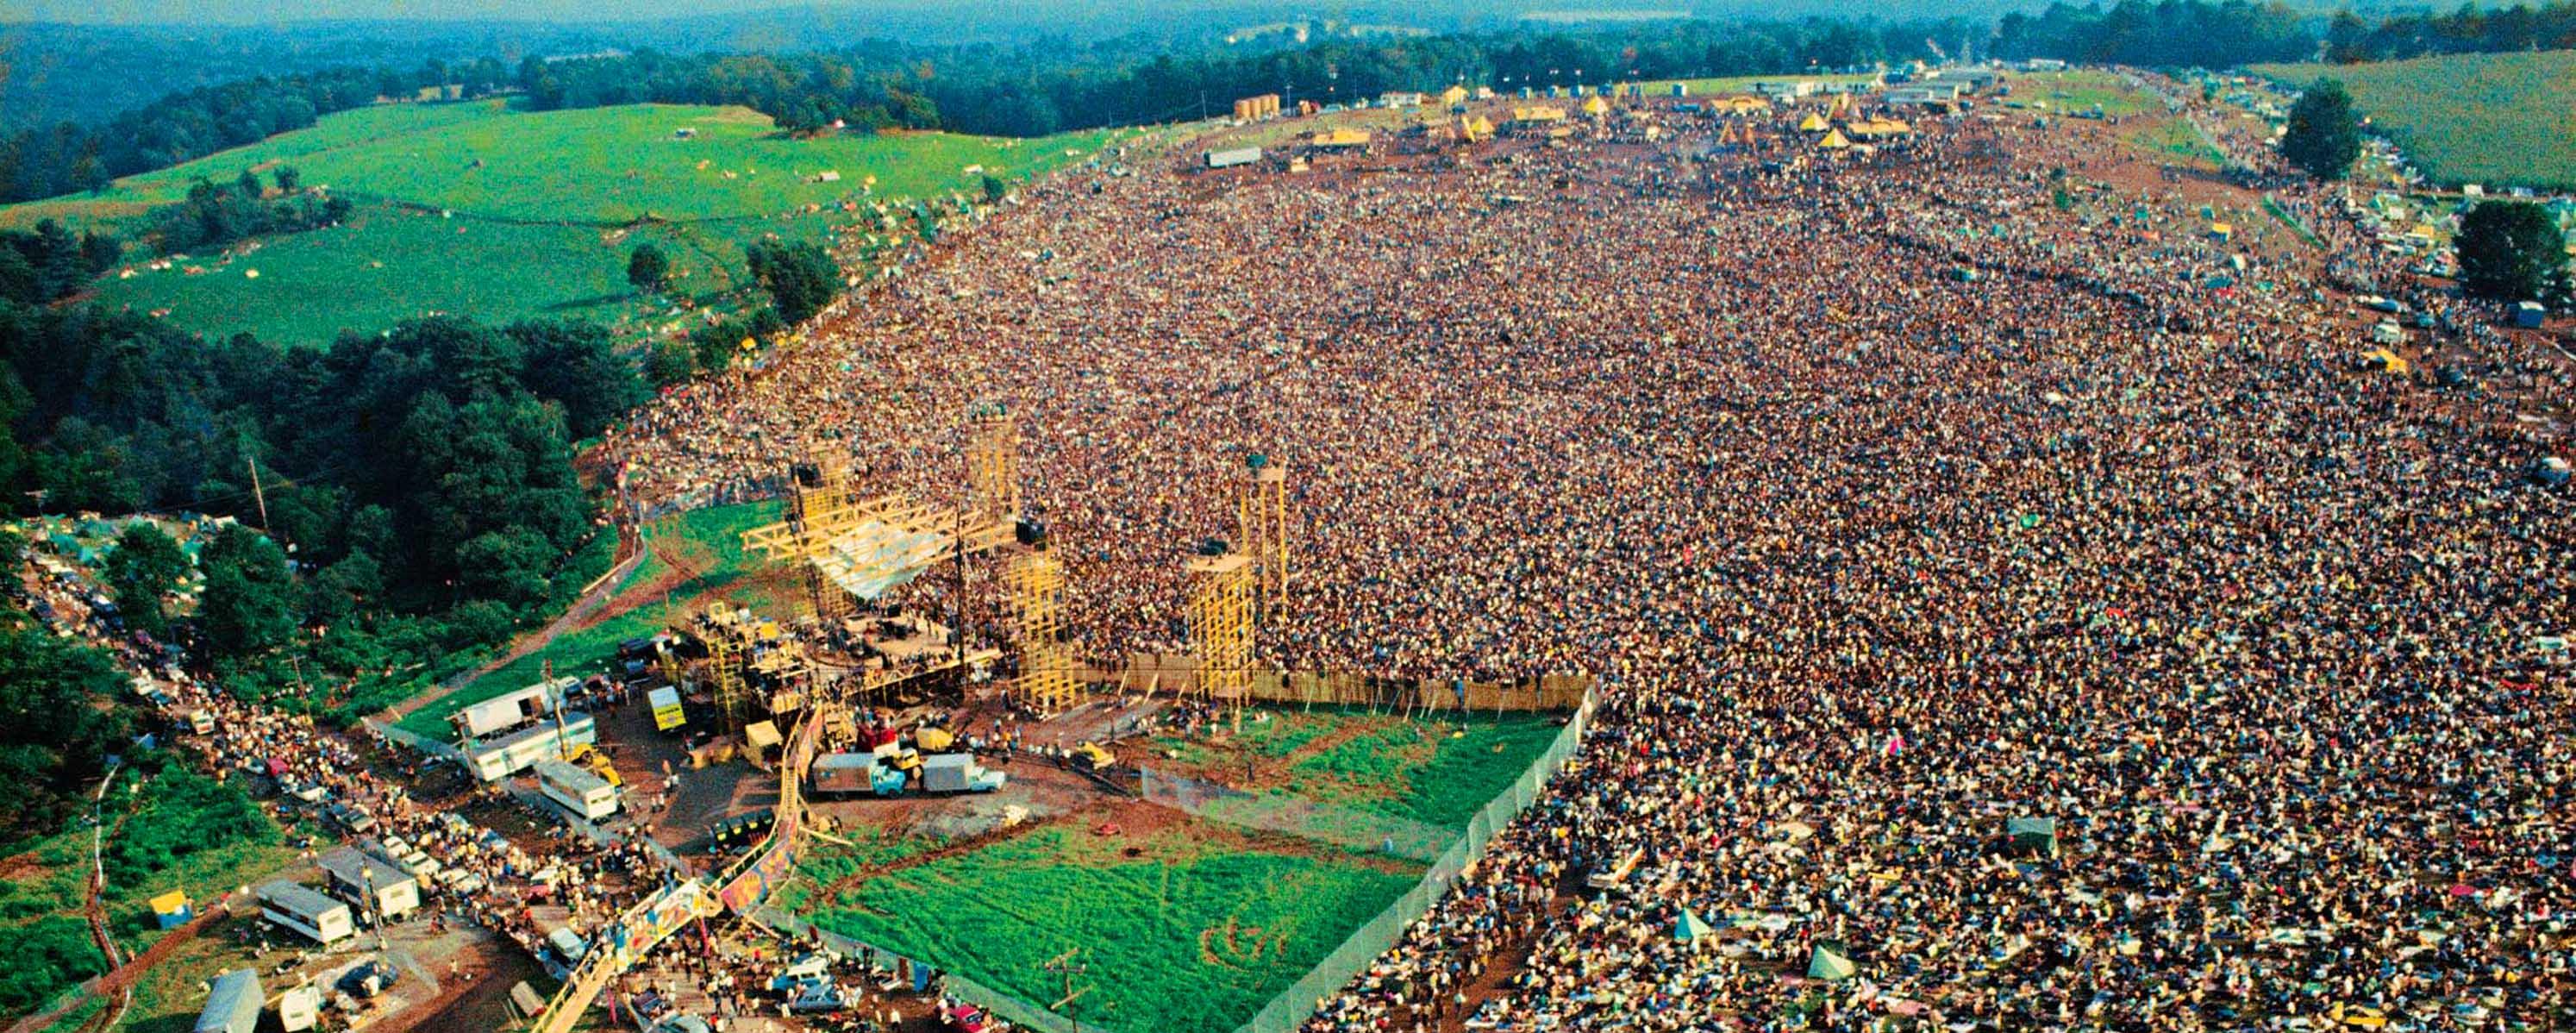 Woodstock, 50 años después - Radio Cantilo